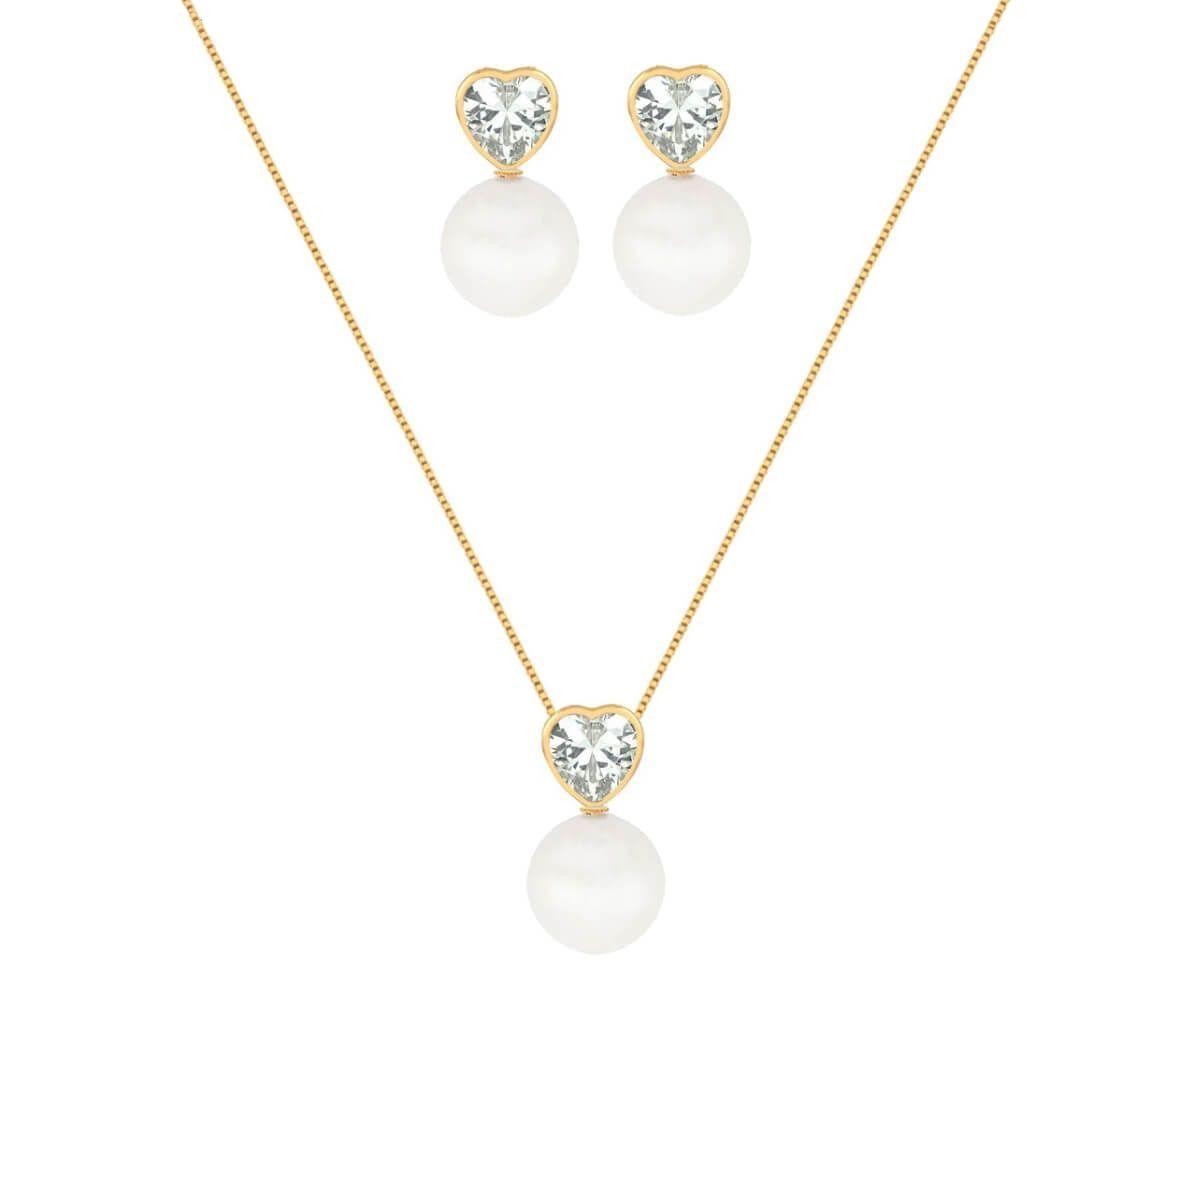 ae7174cdce4fd Conjunto de colar e brinco com pingente brinco com base de cristal coração  e pérola